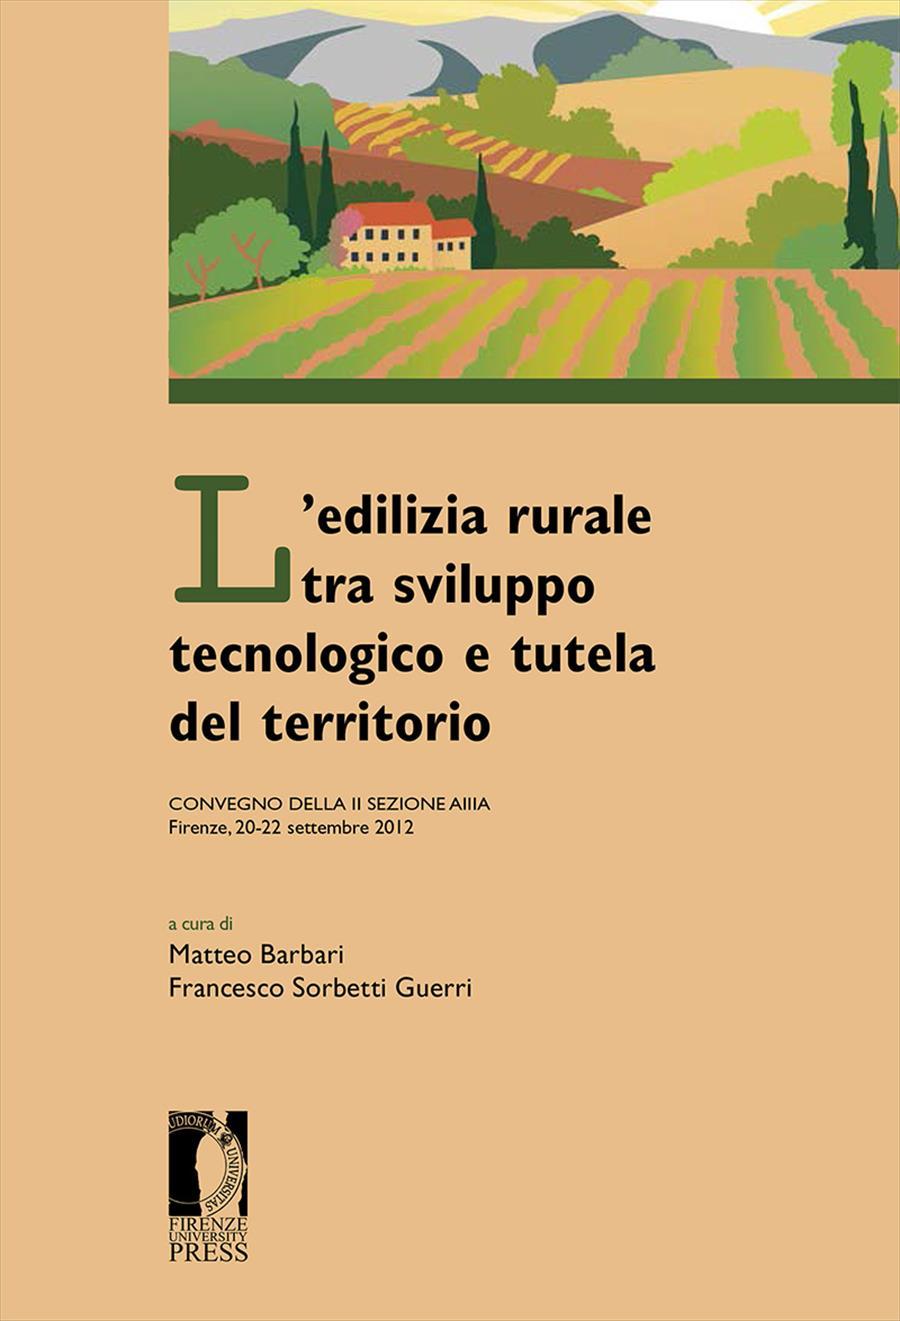 L'edilizia rurale tra sviluppo tecnologico e tutela del territorio